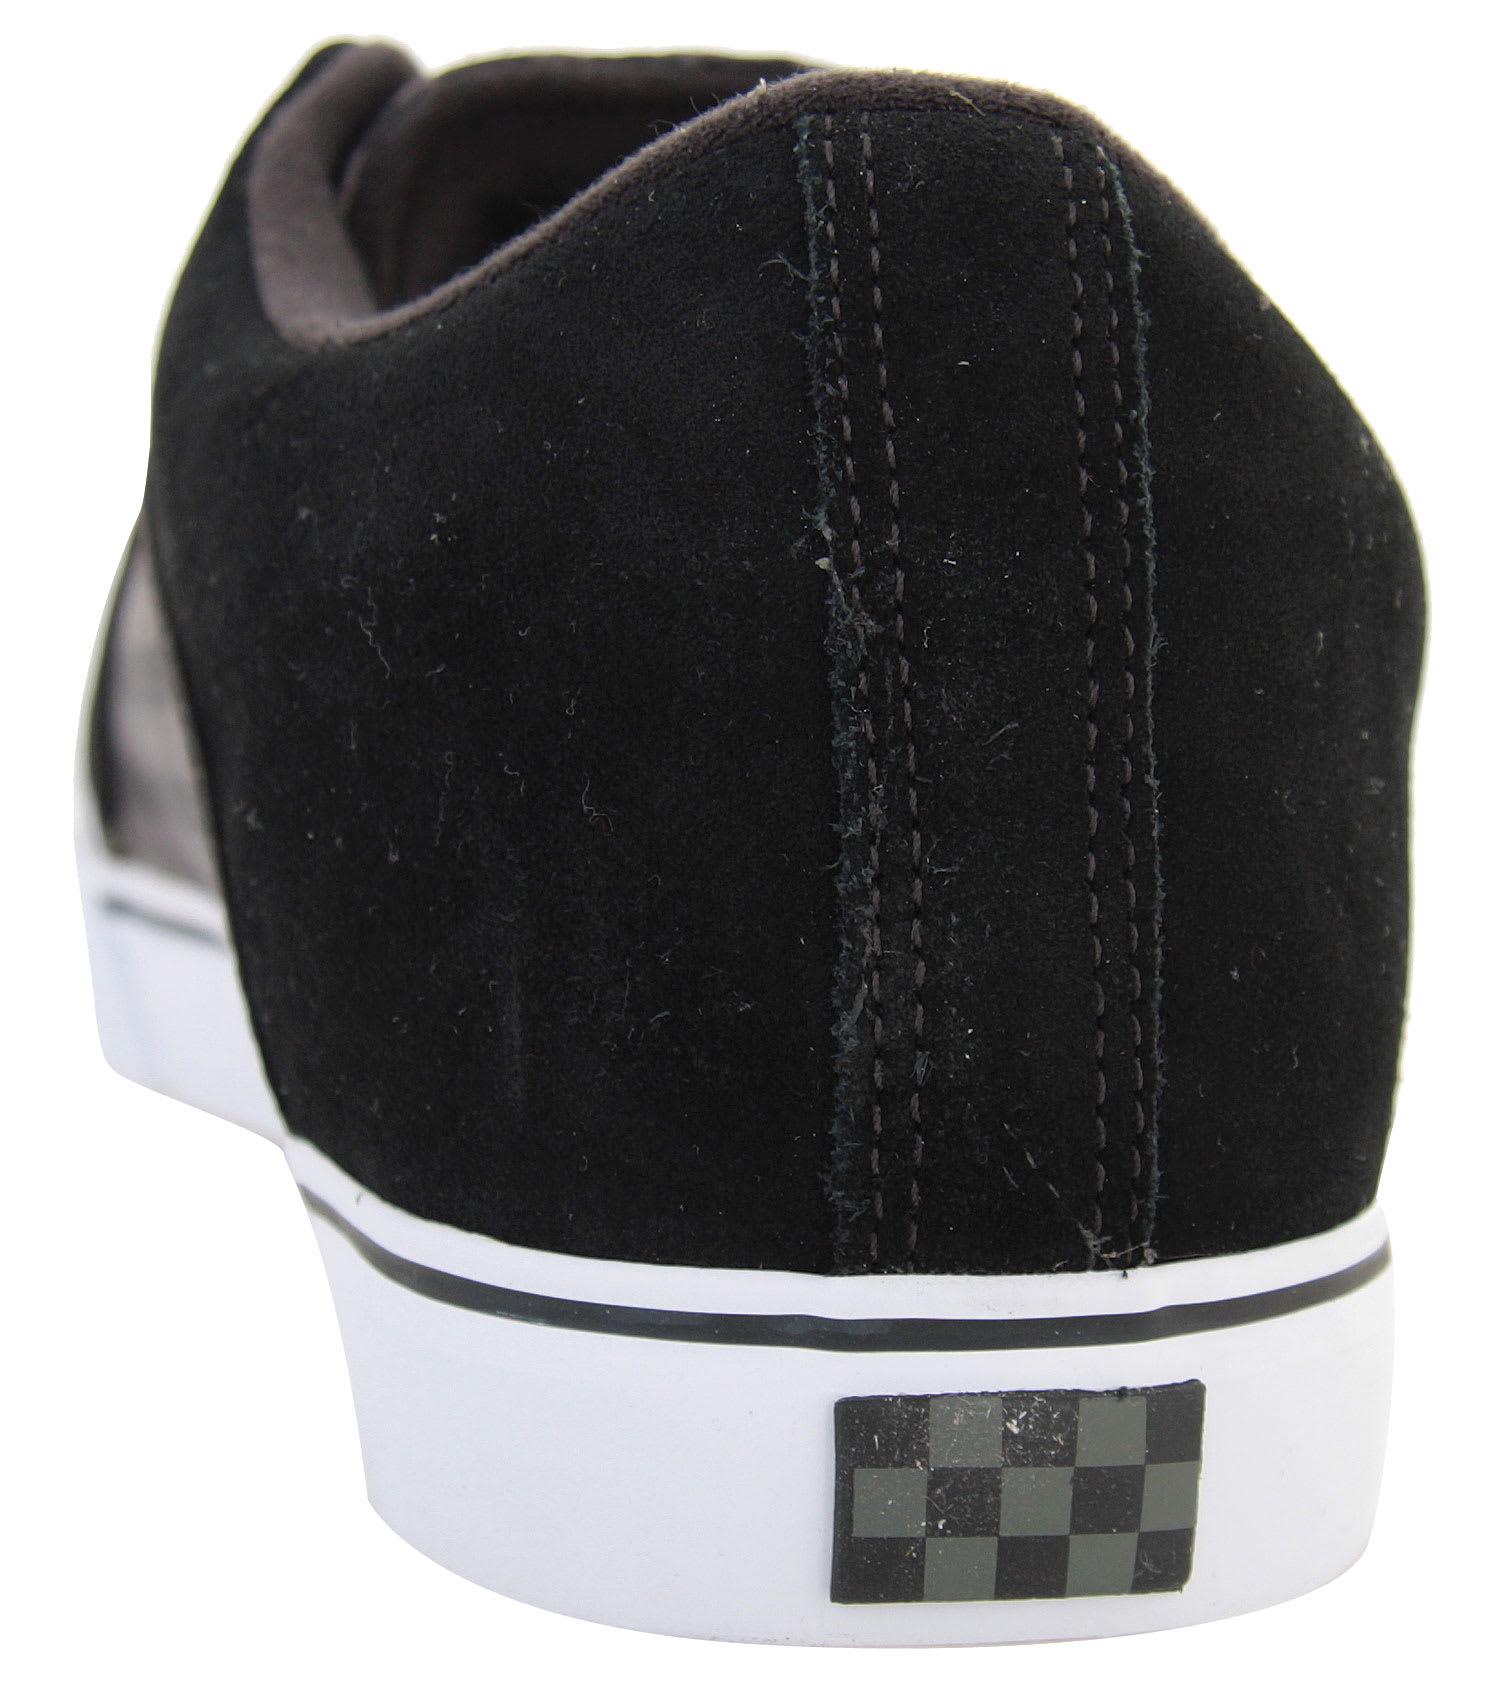 f08f2388fe Vans Rowley Specials Skate Shoes